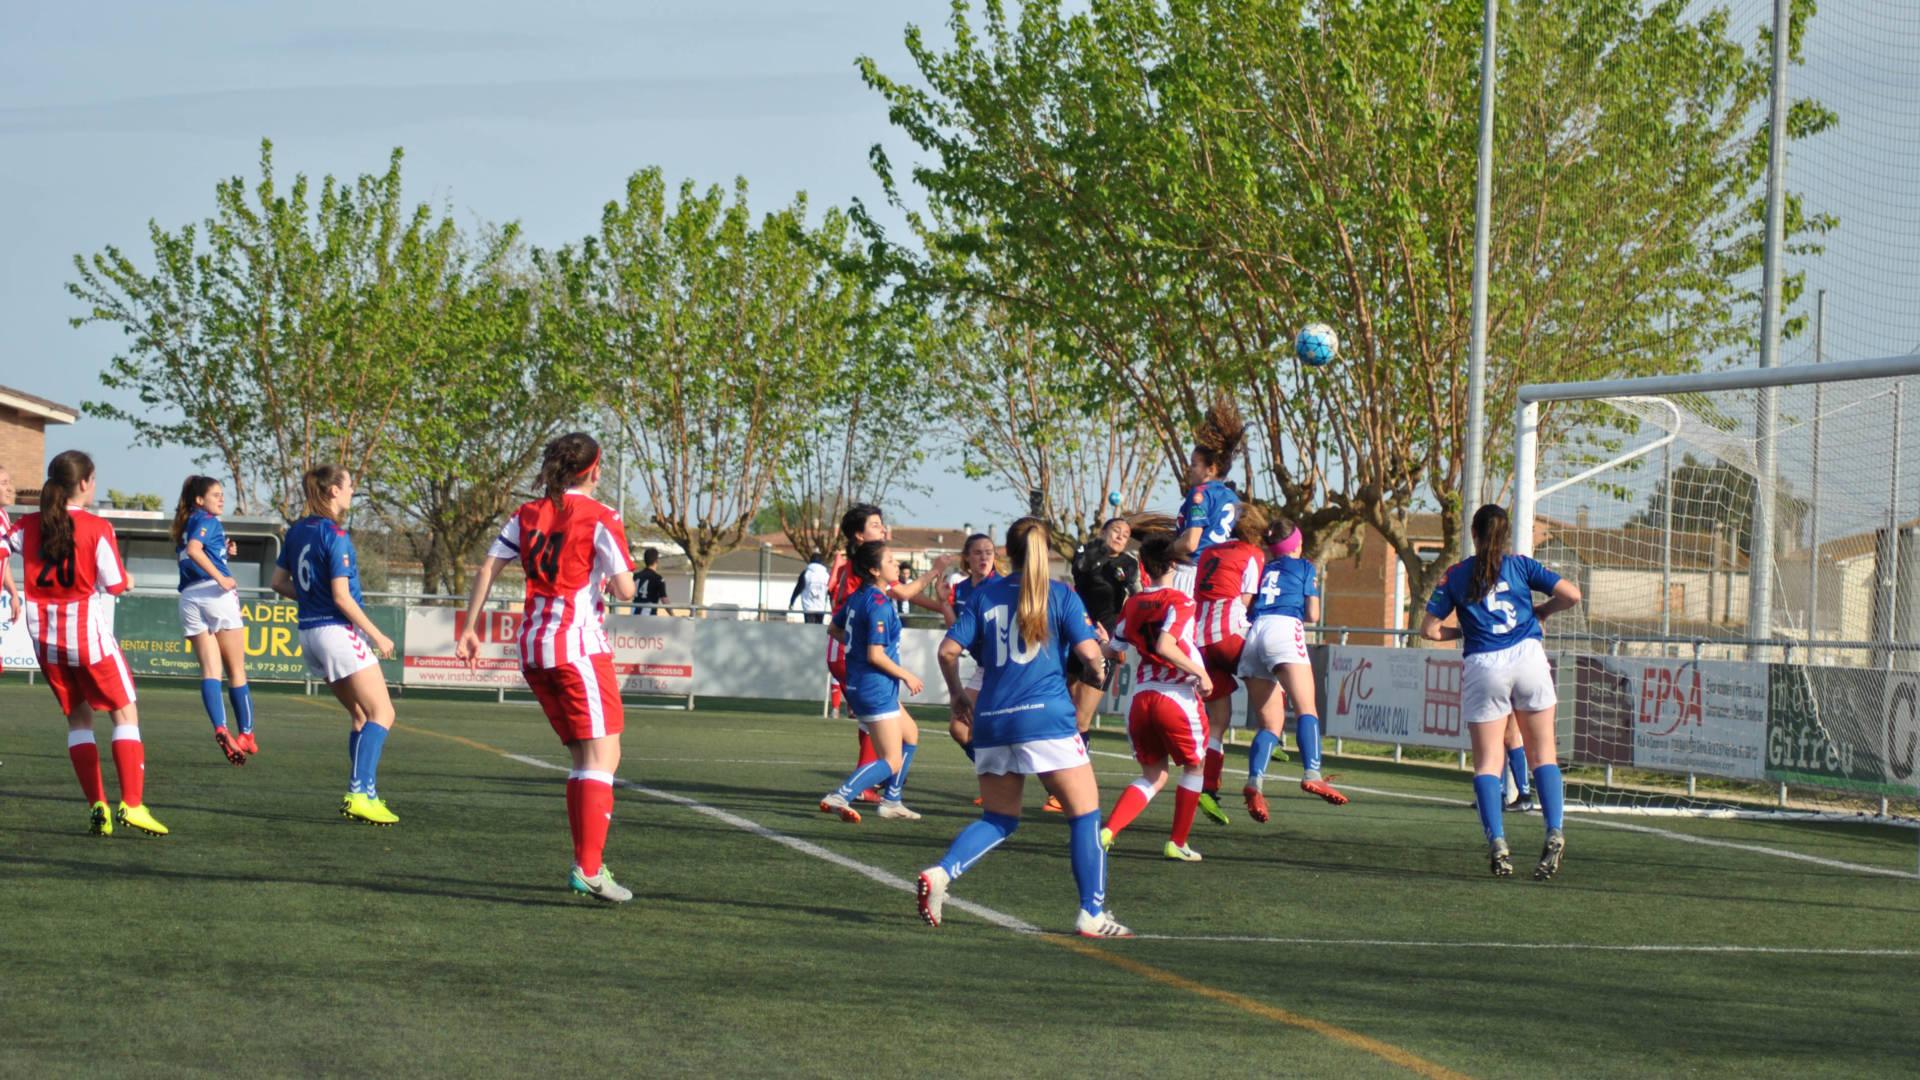 Torneig de futbol 7 - 12h femení de Porqueres